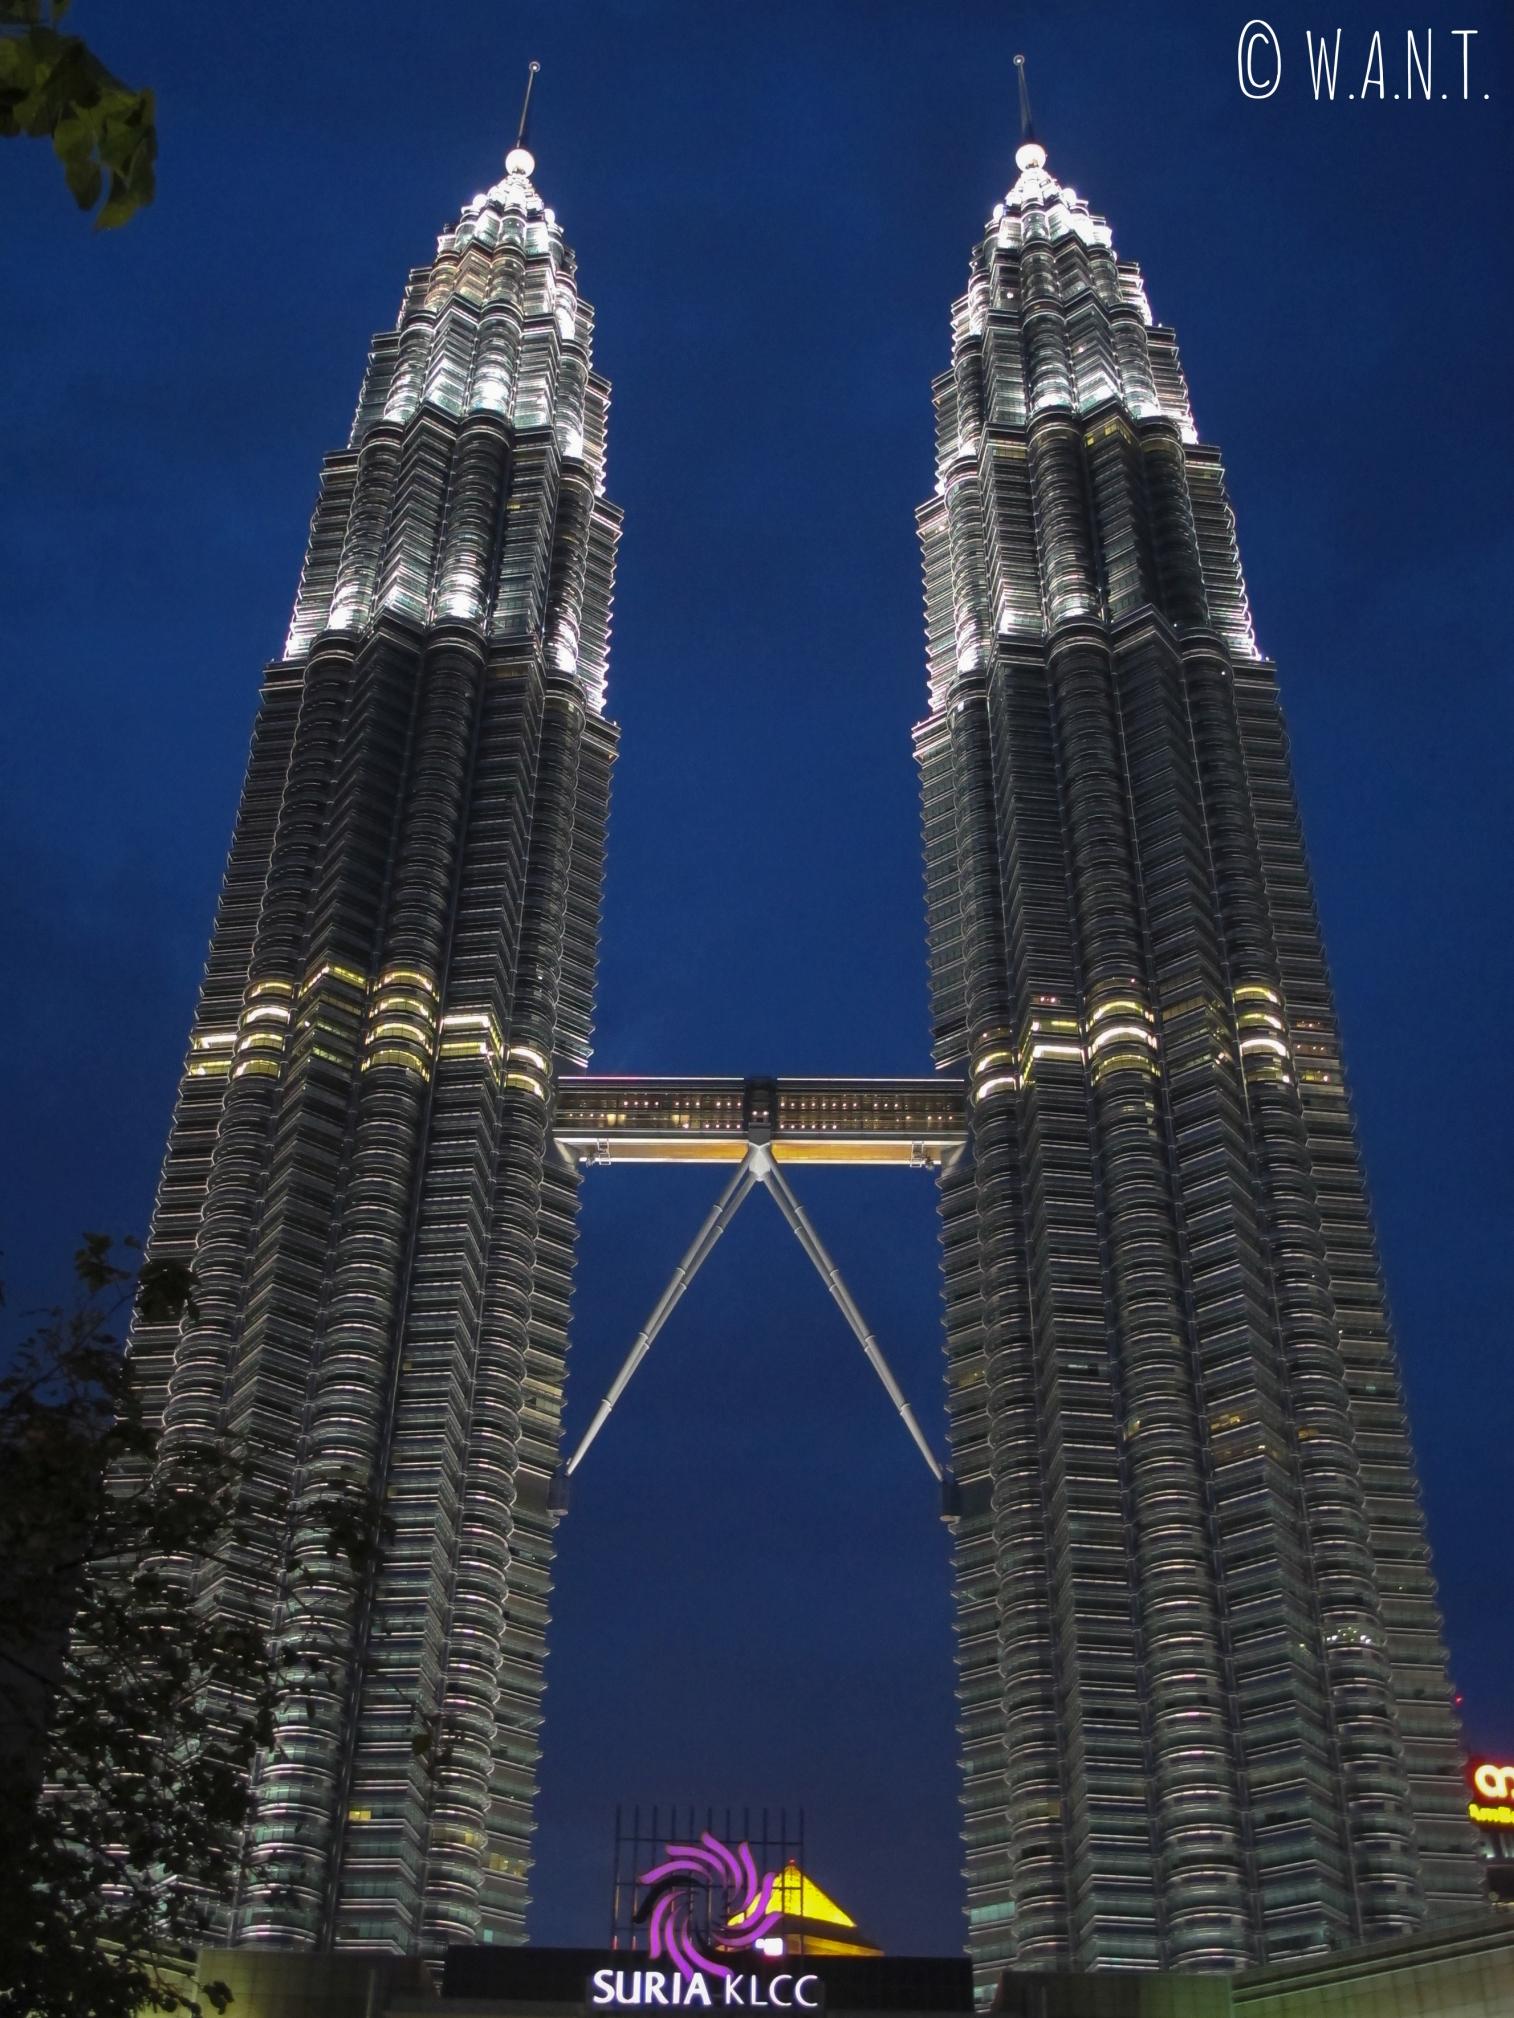 La nuit, les Tours jumelles Petronas sont illuminées